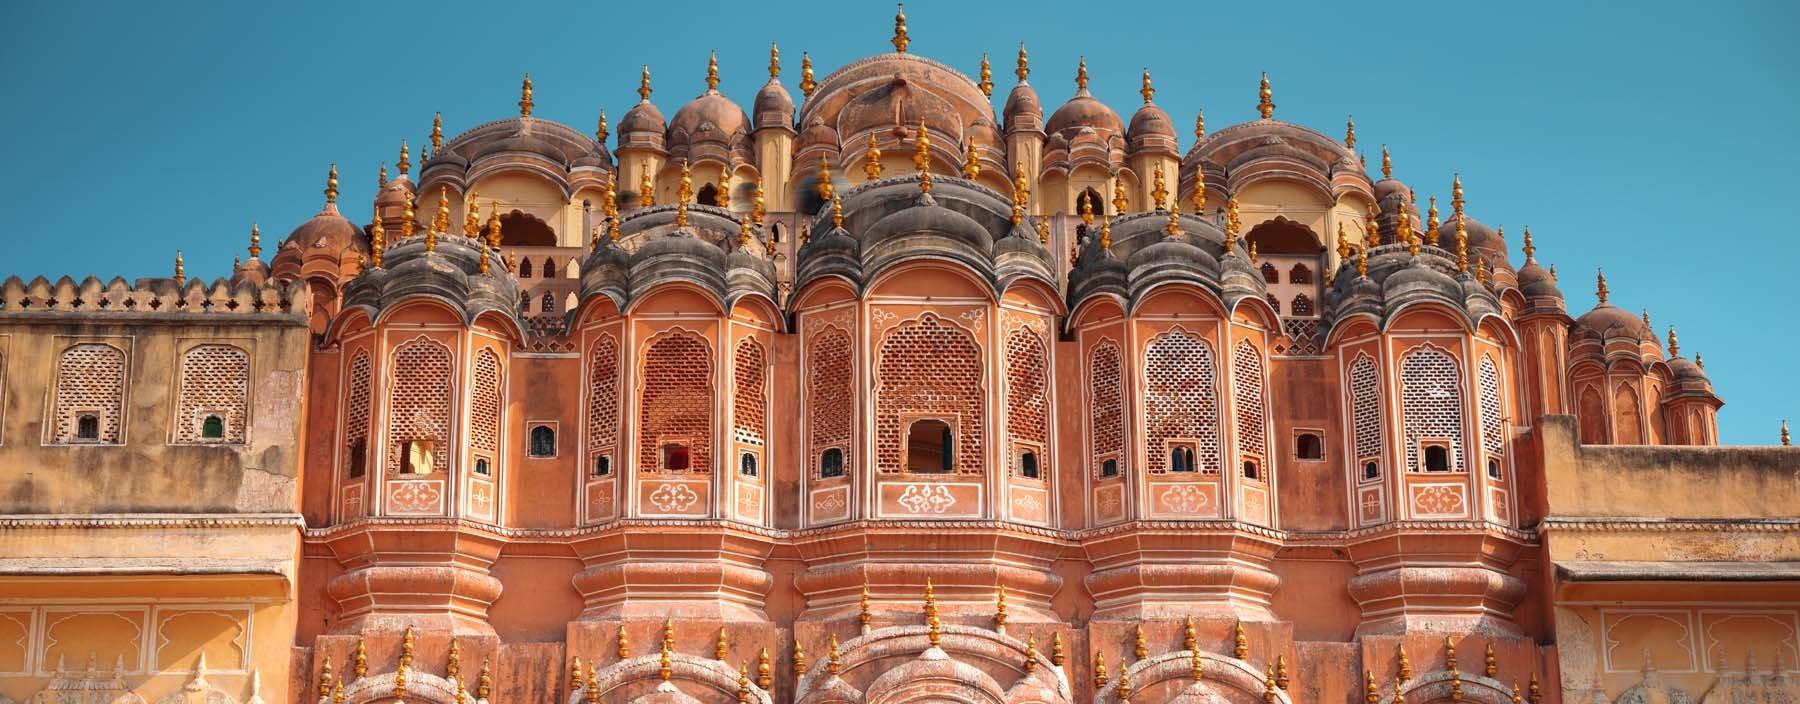 in, jaipur, pink palace jaipur.jpg